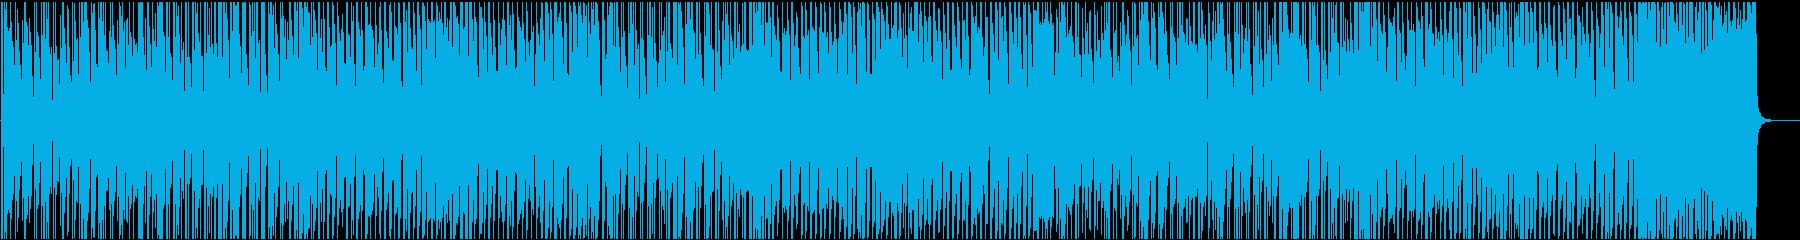 元気いっぱいなチルドレンソングの再生済みの波形